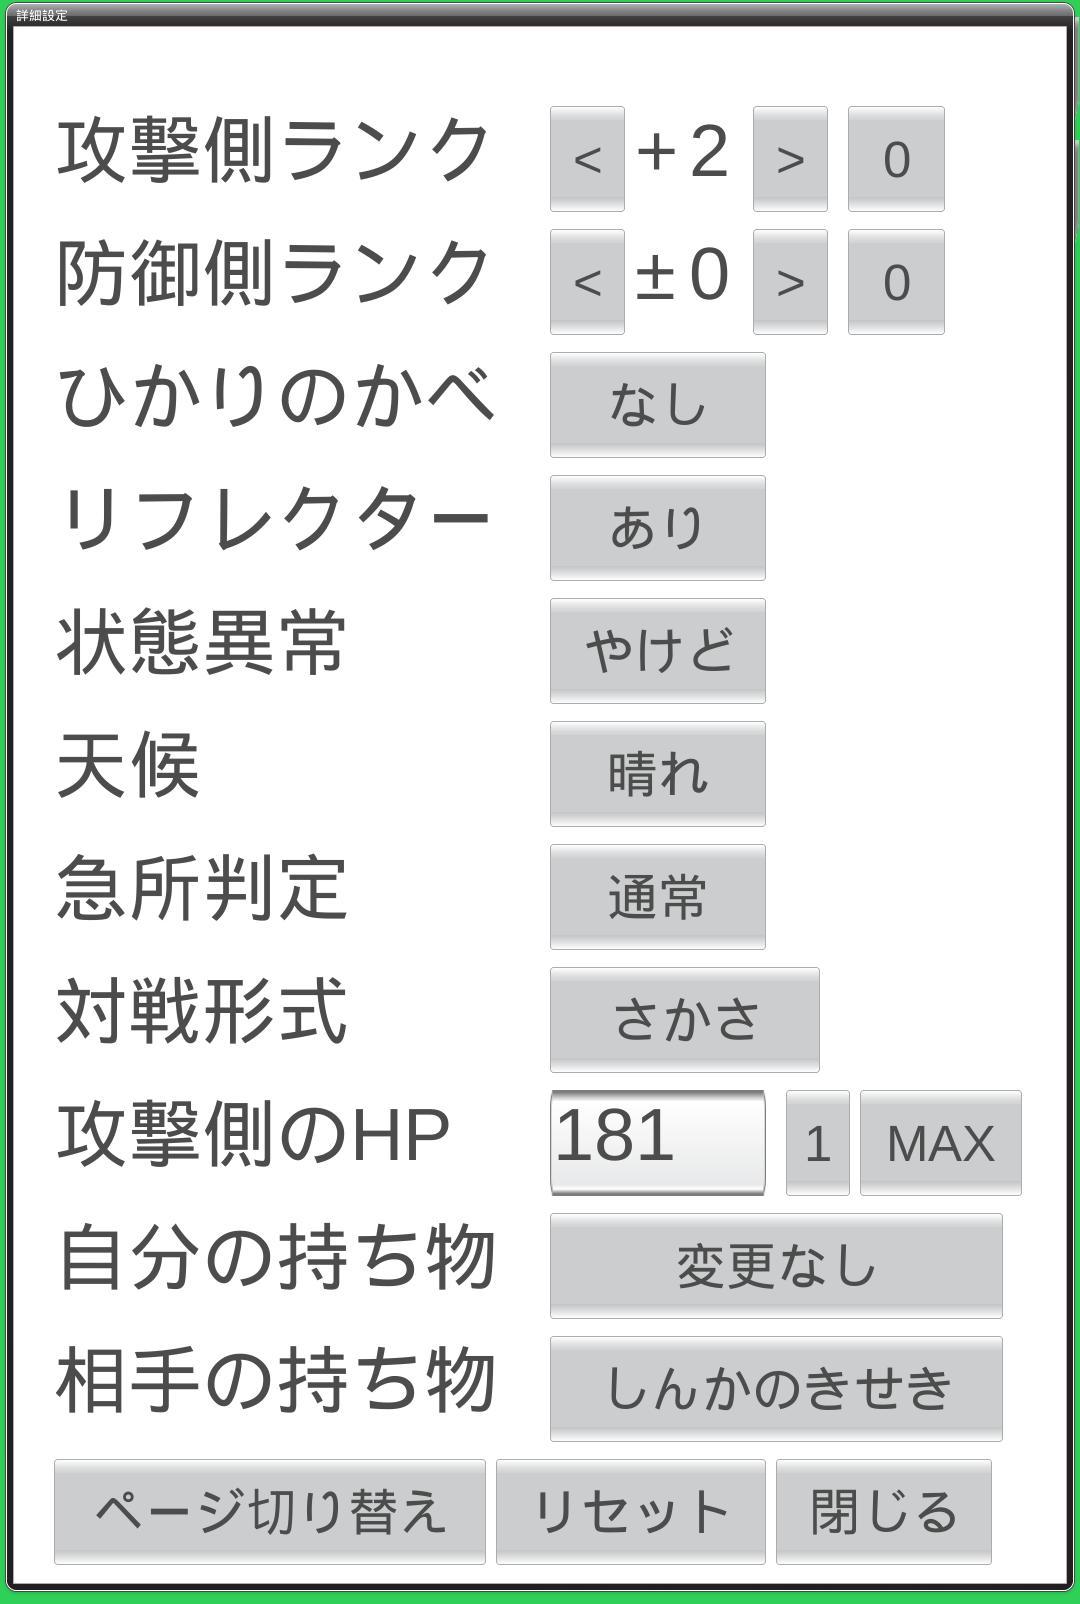 ダメージ ポケモン 剣 計算機 盾